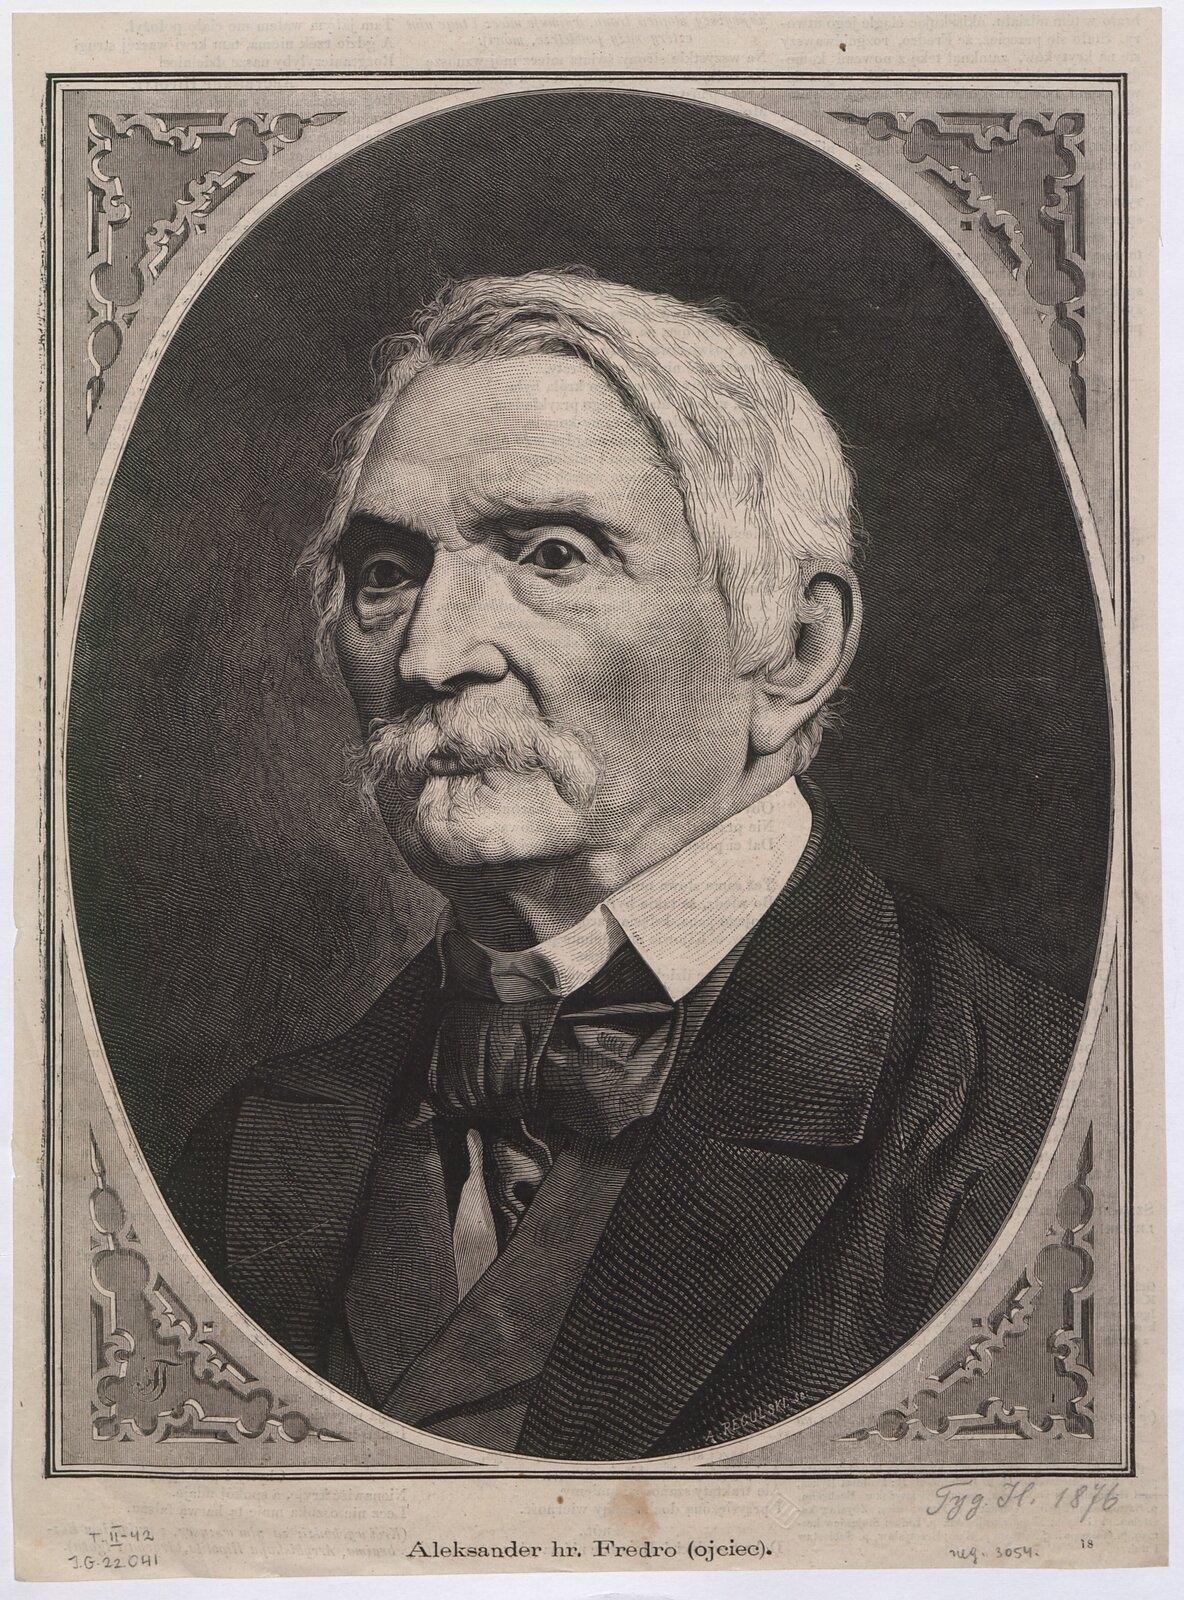 Aleksander hr. Fredro (ojciec) Źródło: Aleksander Regulski, Aleksander hr. Fredro (ojciec), 1876, drzeworyt, domena publiczna.